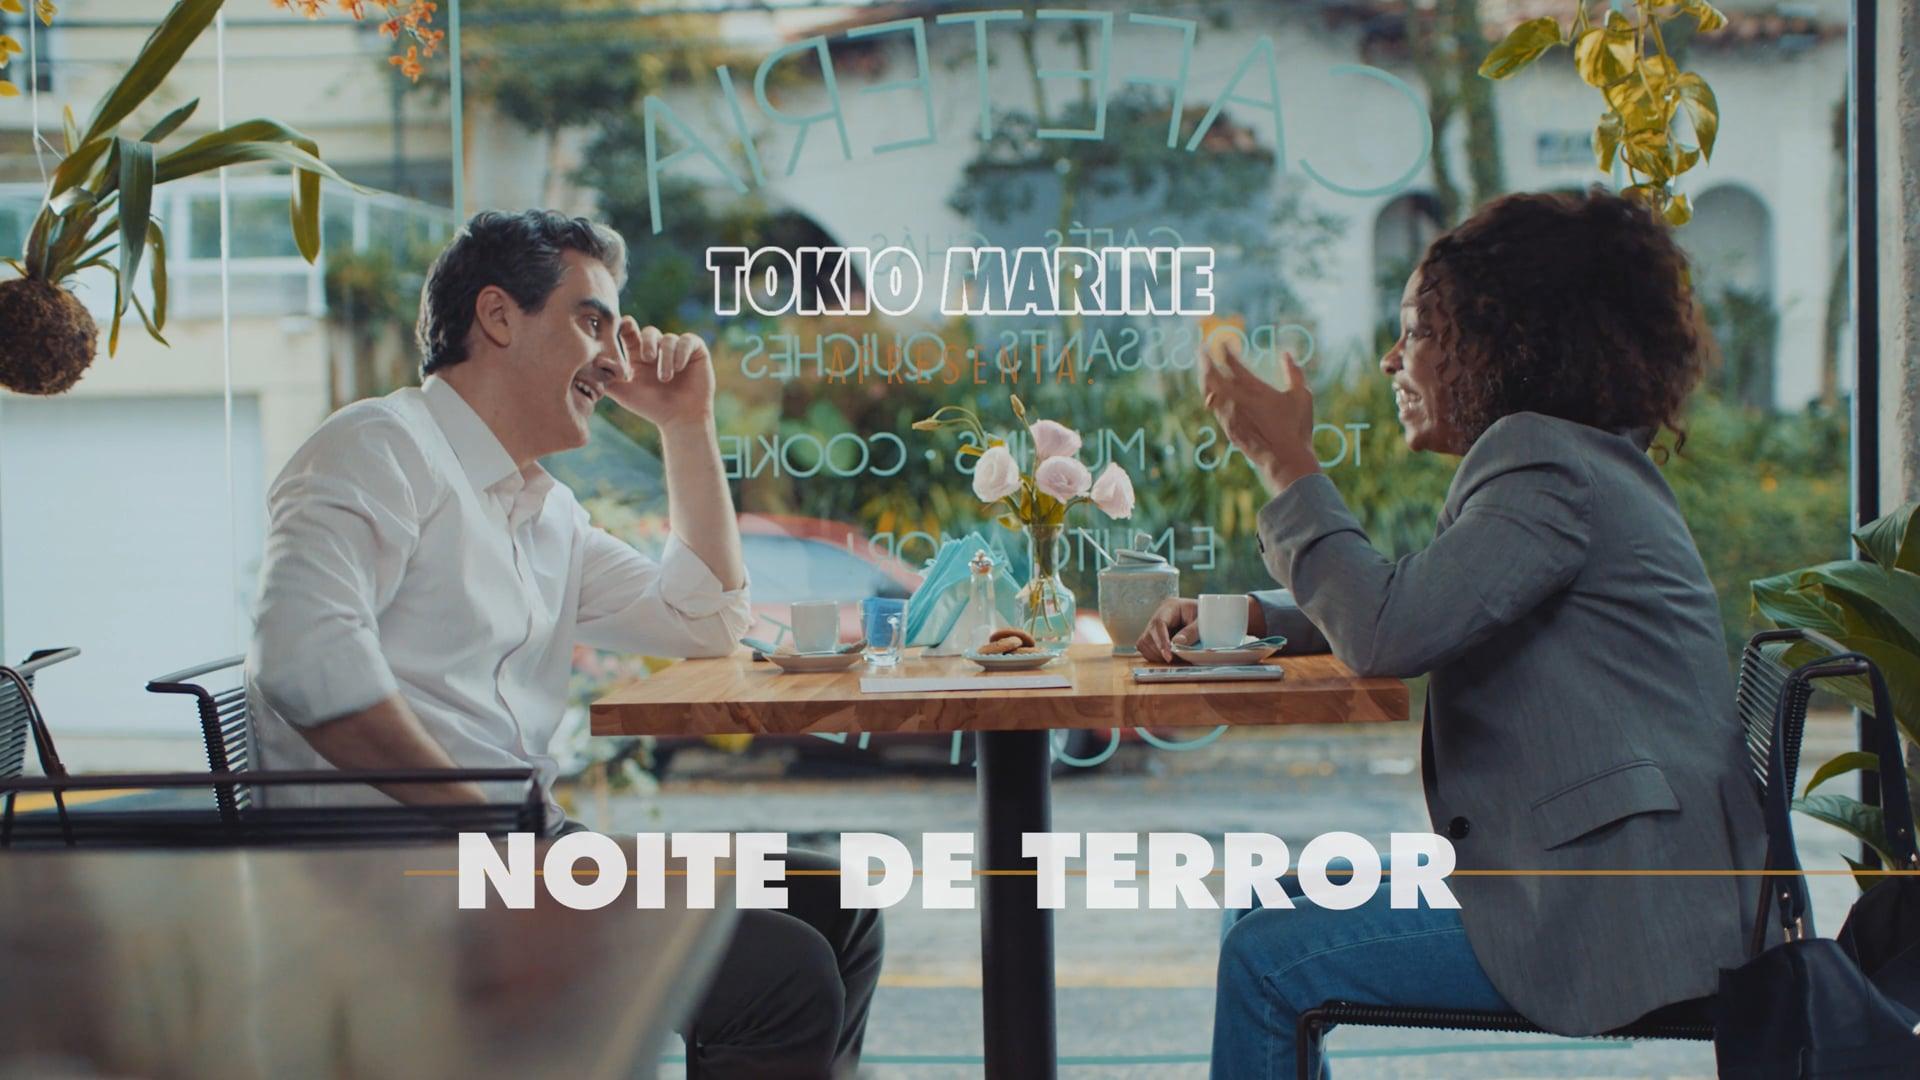 Tokio Marine - Noite de Terror